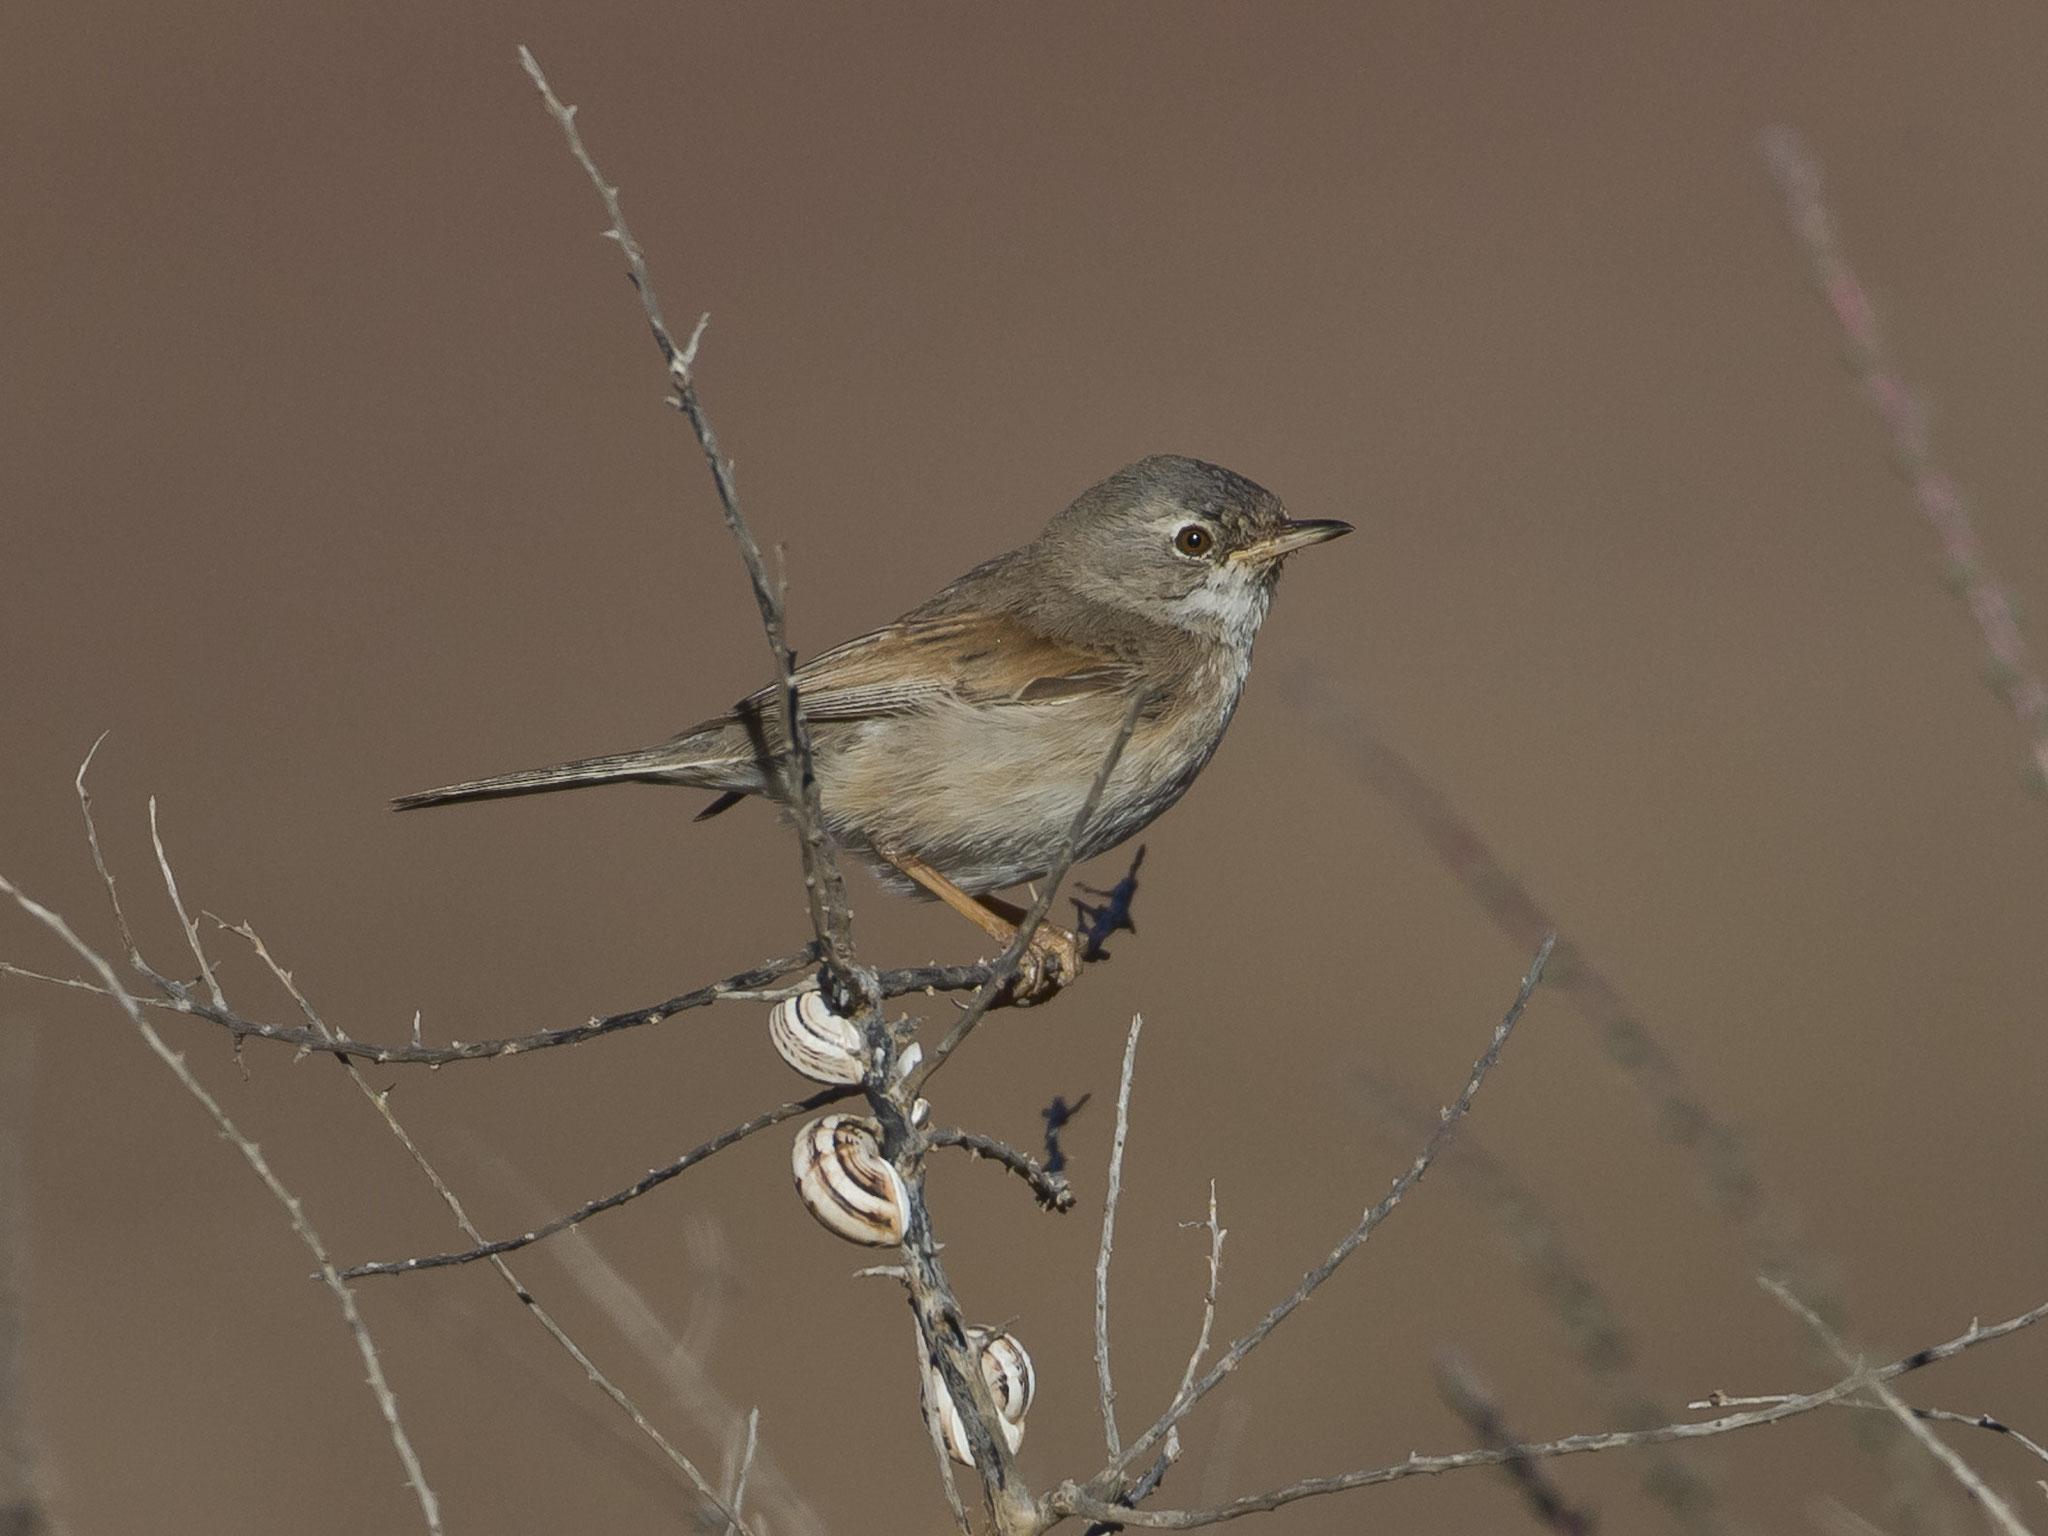 Eine Brillengrasmücken-Familie streift durch eine Brache, typisch sind die Schneckenhäuschen an den Halmen ...